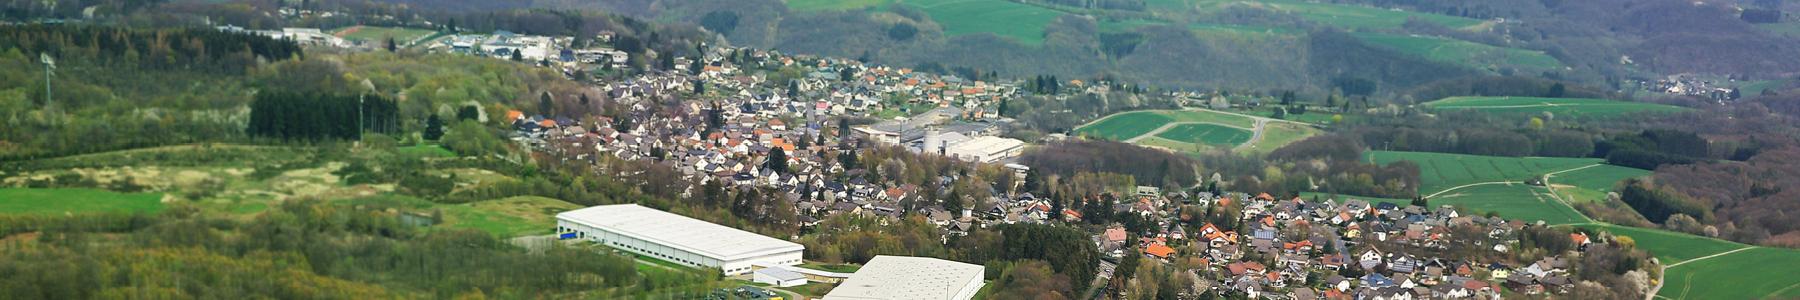 Vettelschoß